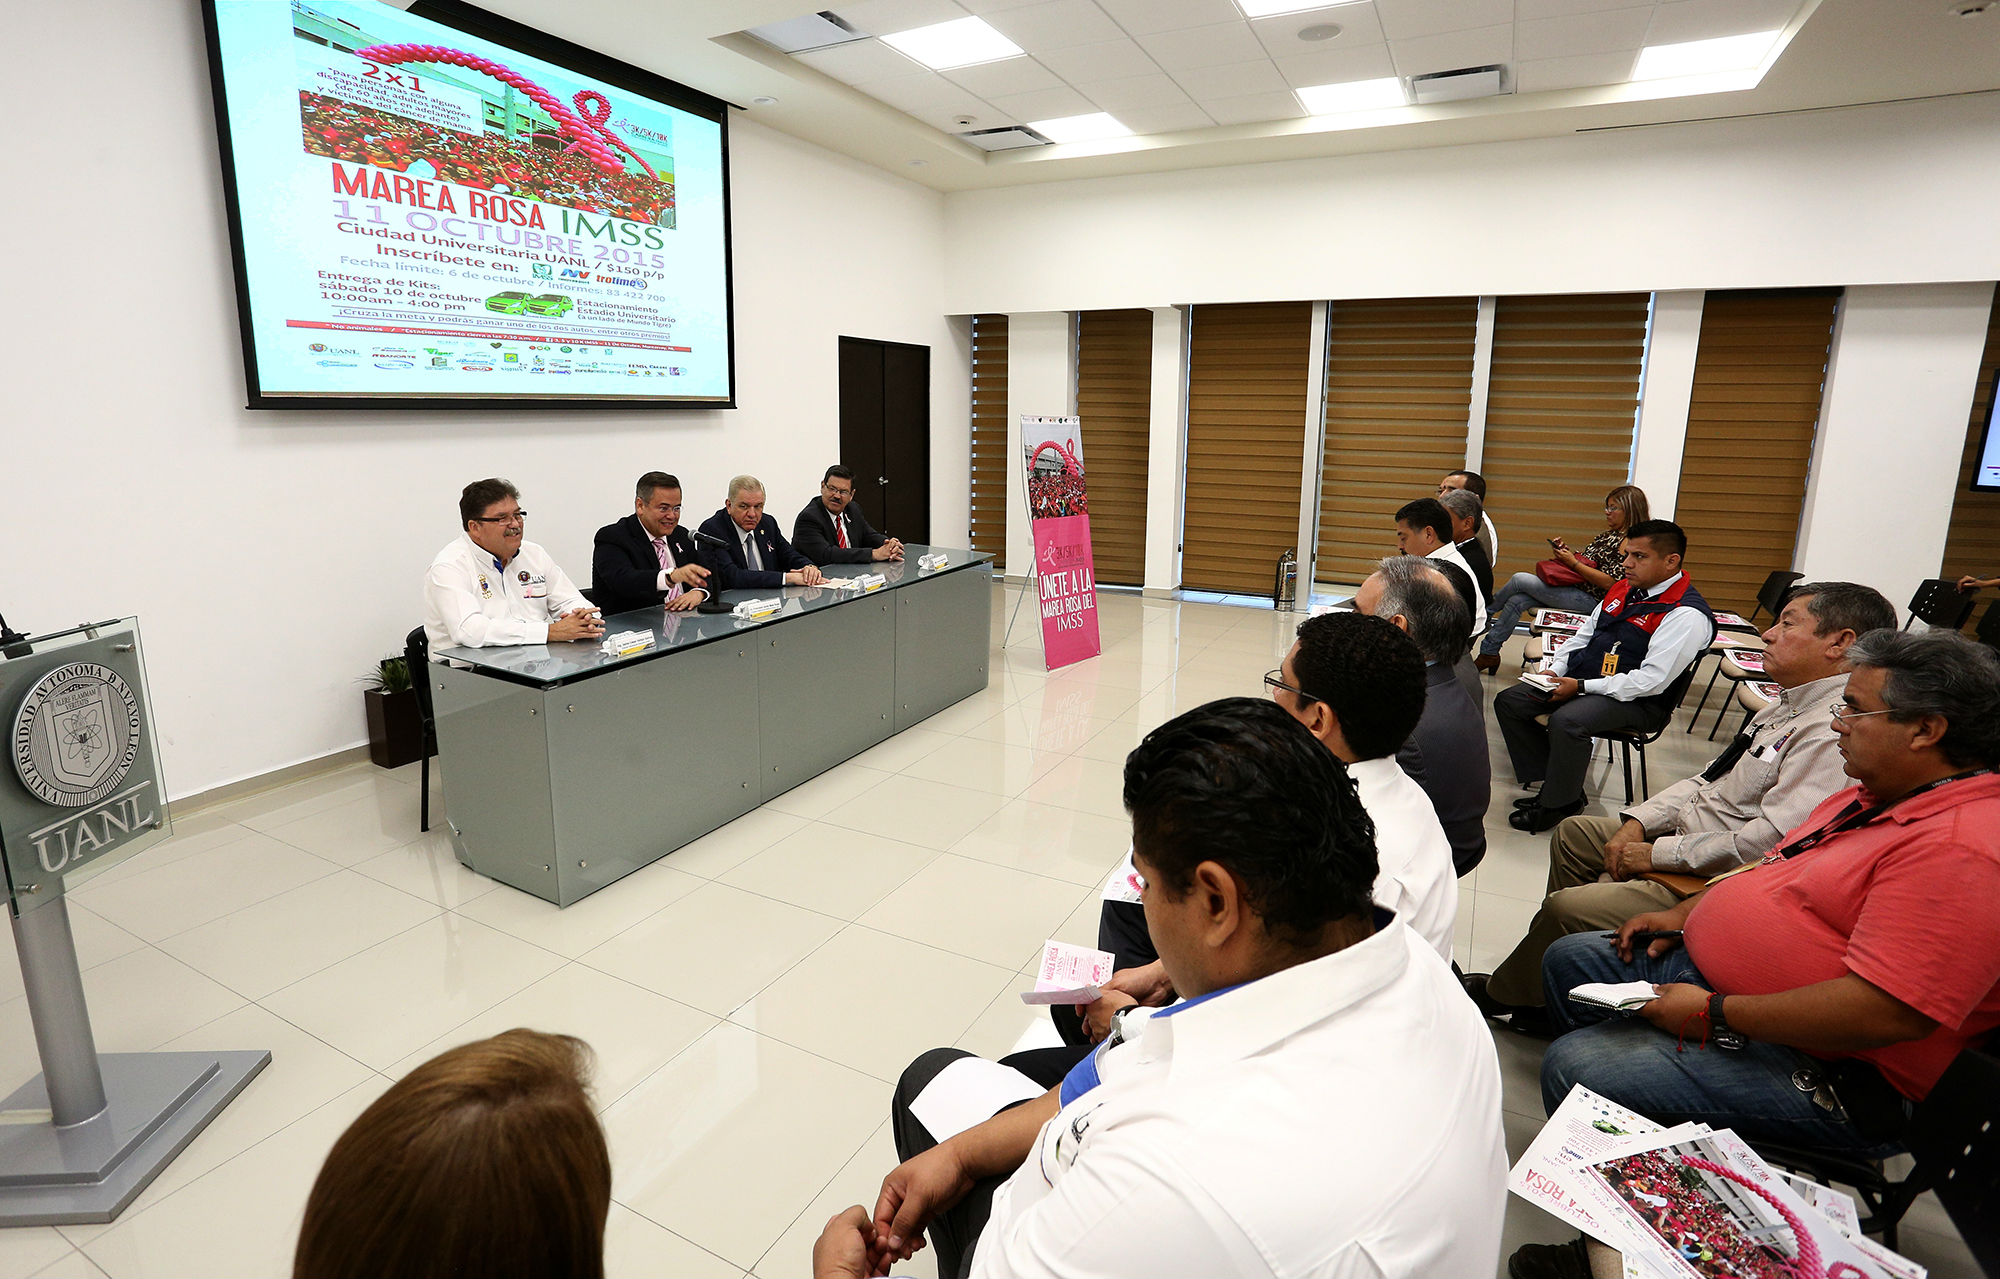 La carrera Marea Rosa será de 3, 5 y 10 kilómetros en un circuito dentro de Ciudad Universitaria